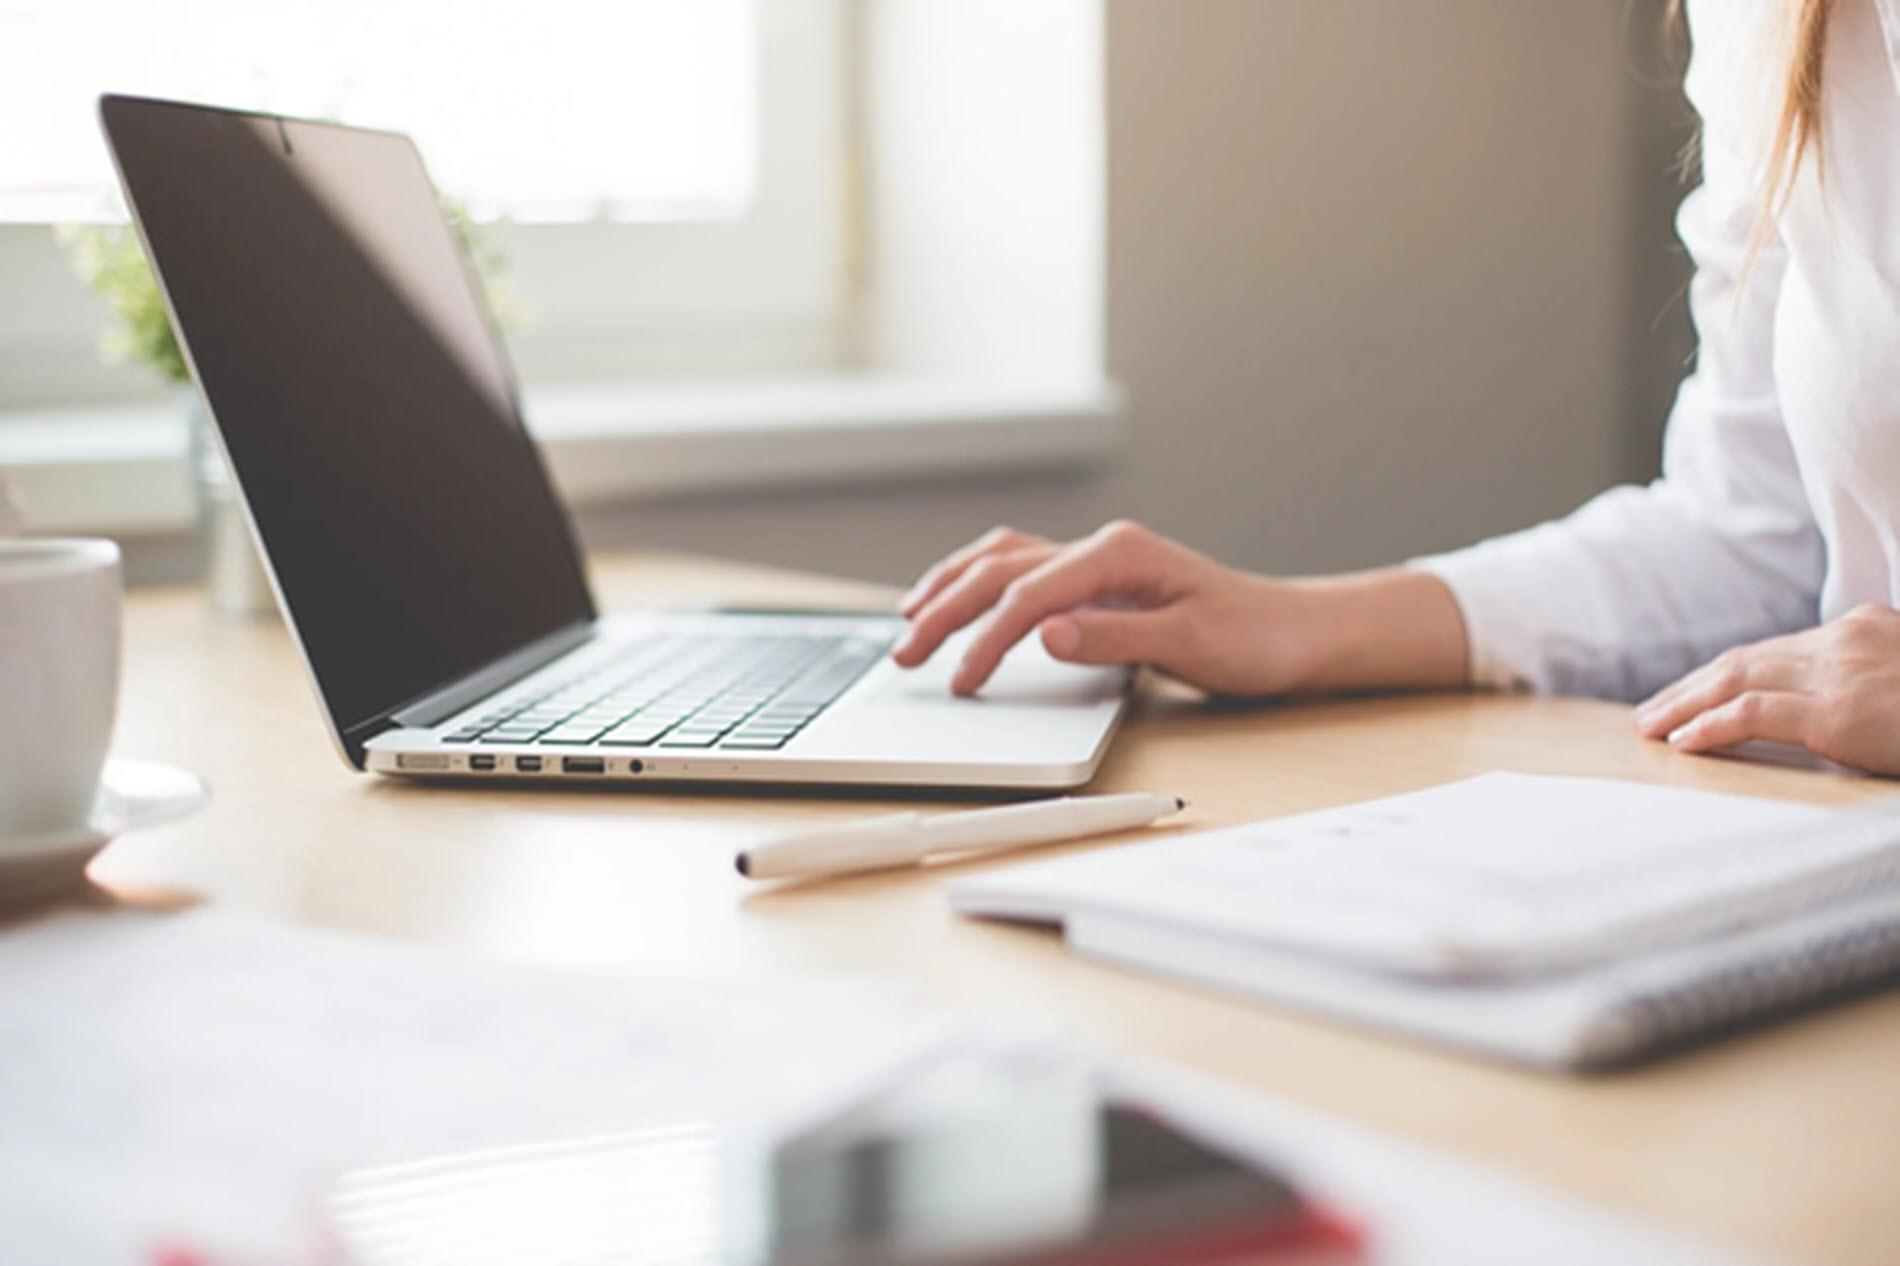 Làm thế nào để có được thỏa thuận tốt nhất có thể có đối với khoản vay có bảo đảm